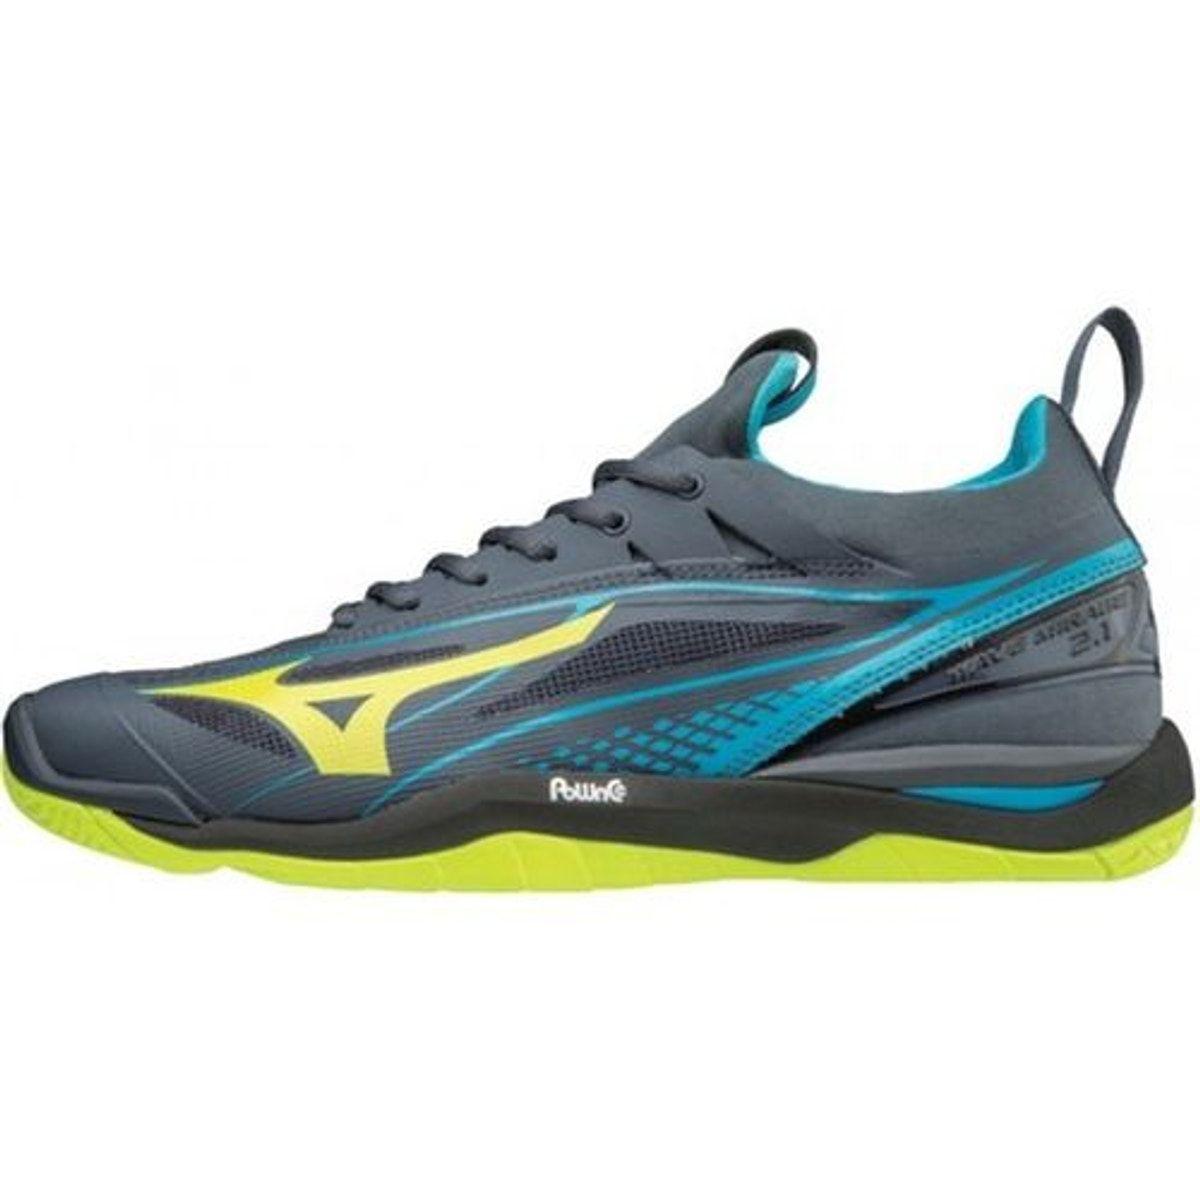 Chaussures Wave Mirage 2 1 Taille 40 1 2 42 43 44 45 46 Chaussure Mizuno Chaussure Bleu Marine